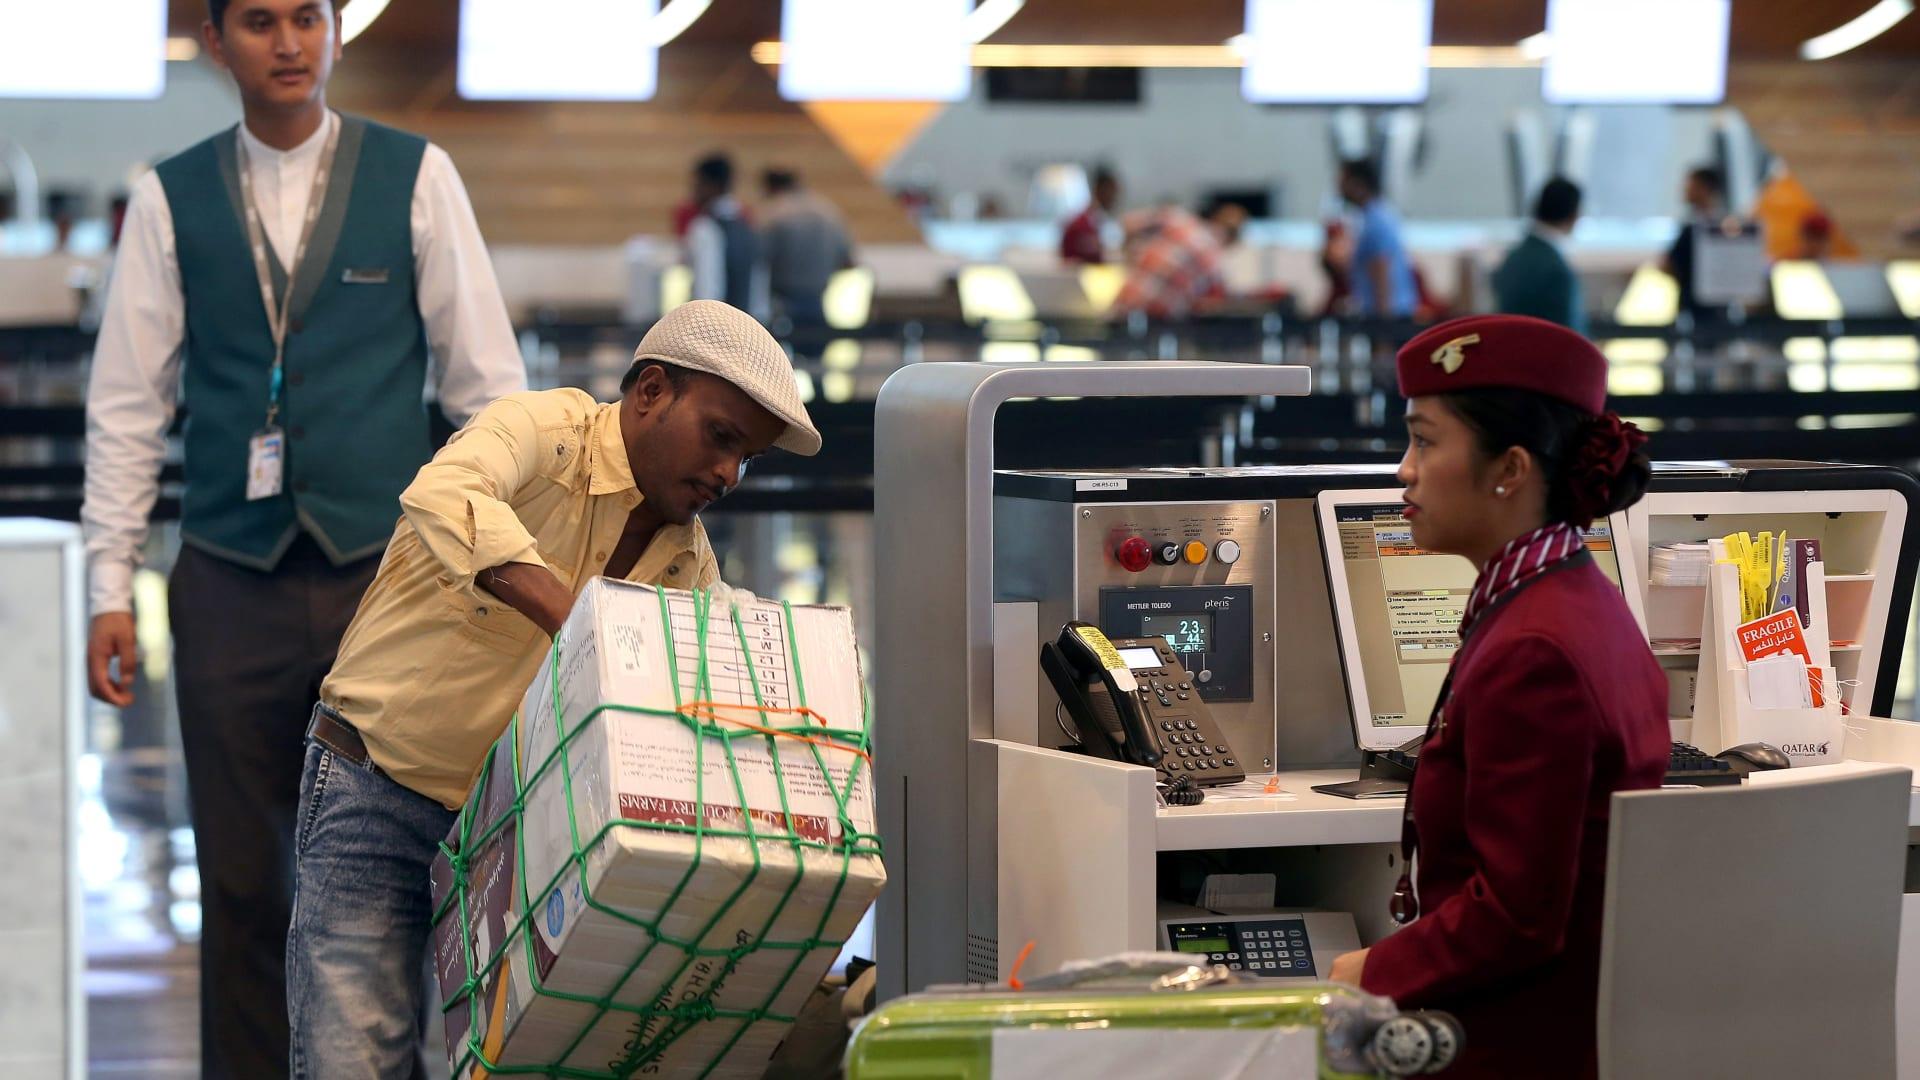 قطر تعلن إلغاء نظام إذن السفر المطلوب من العاملين فيها عند رغبتهم في الخروج من البلاد